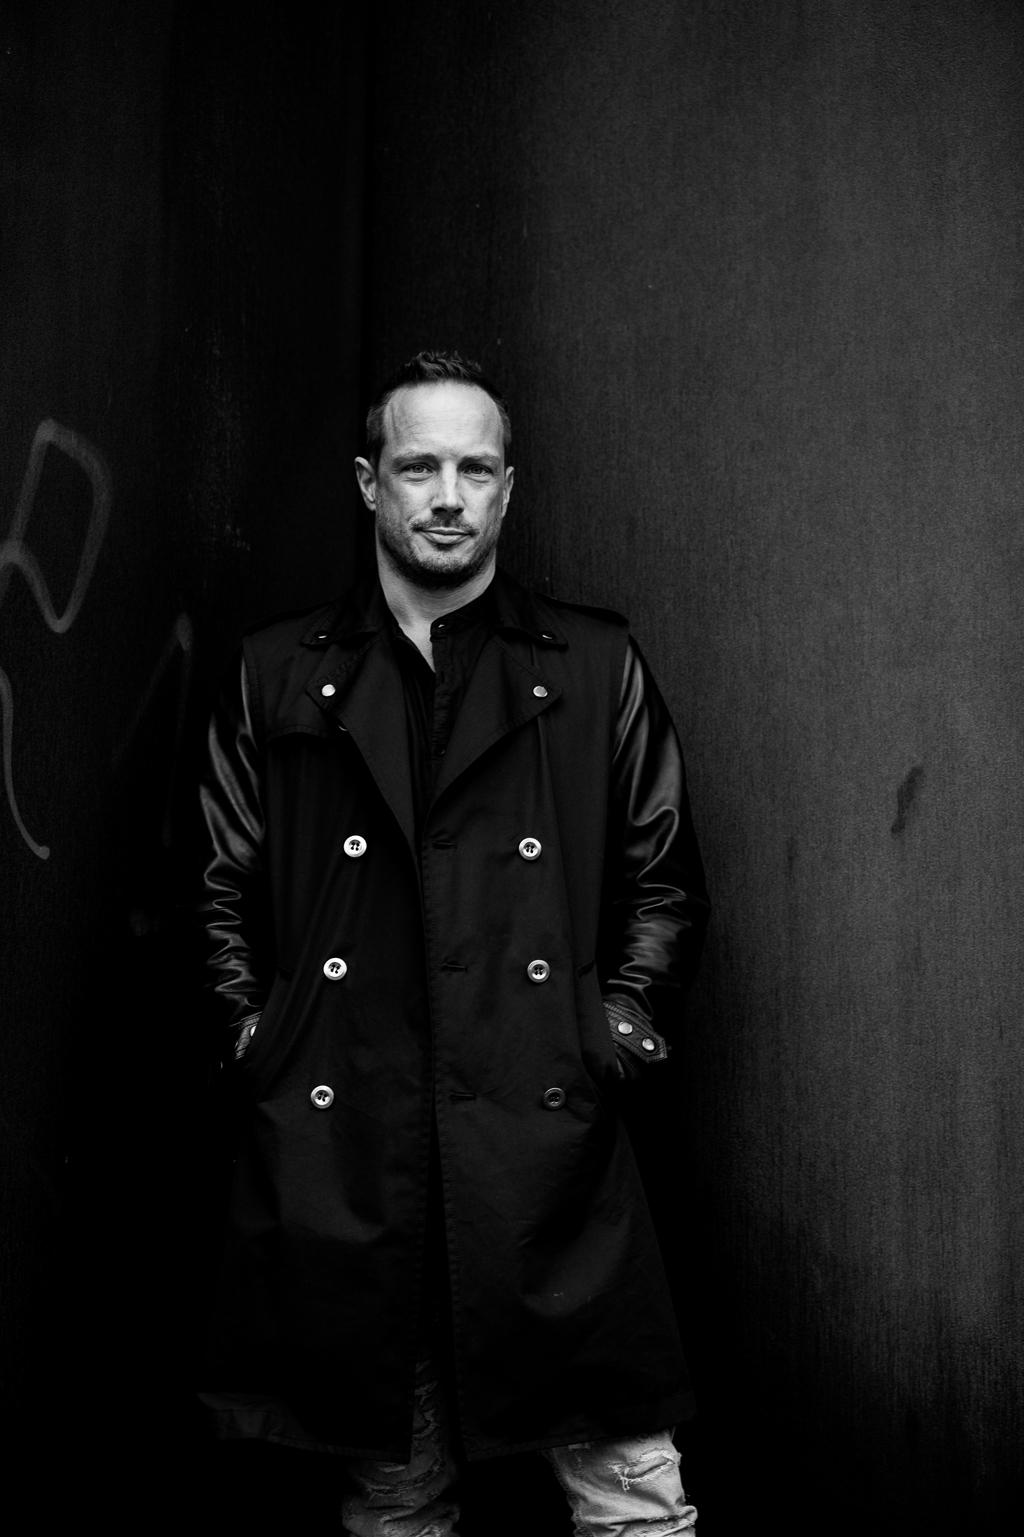 Daniel Bruns - Metallwand s/w